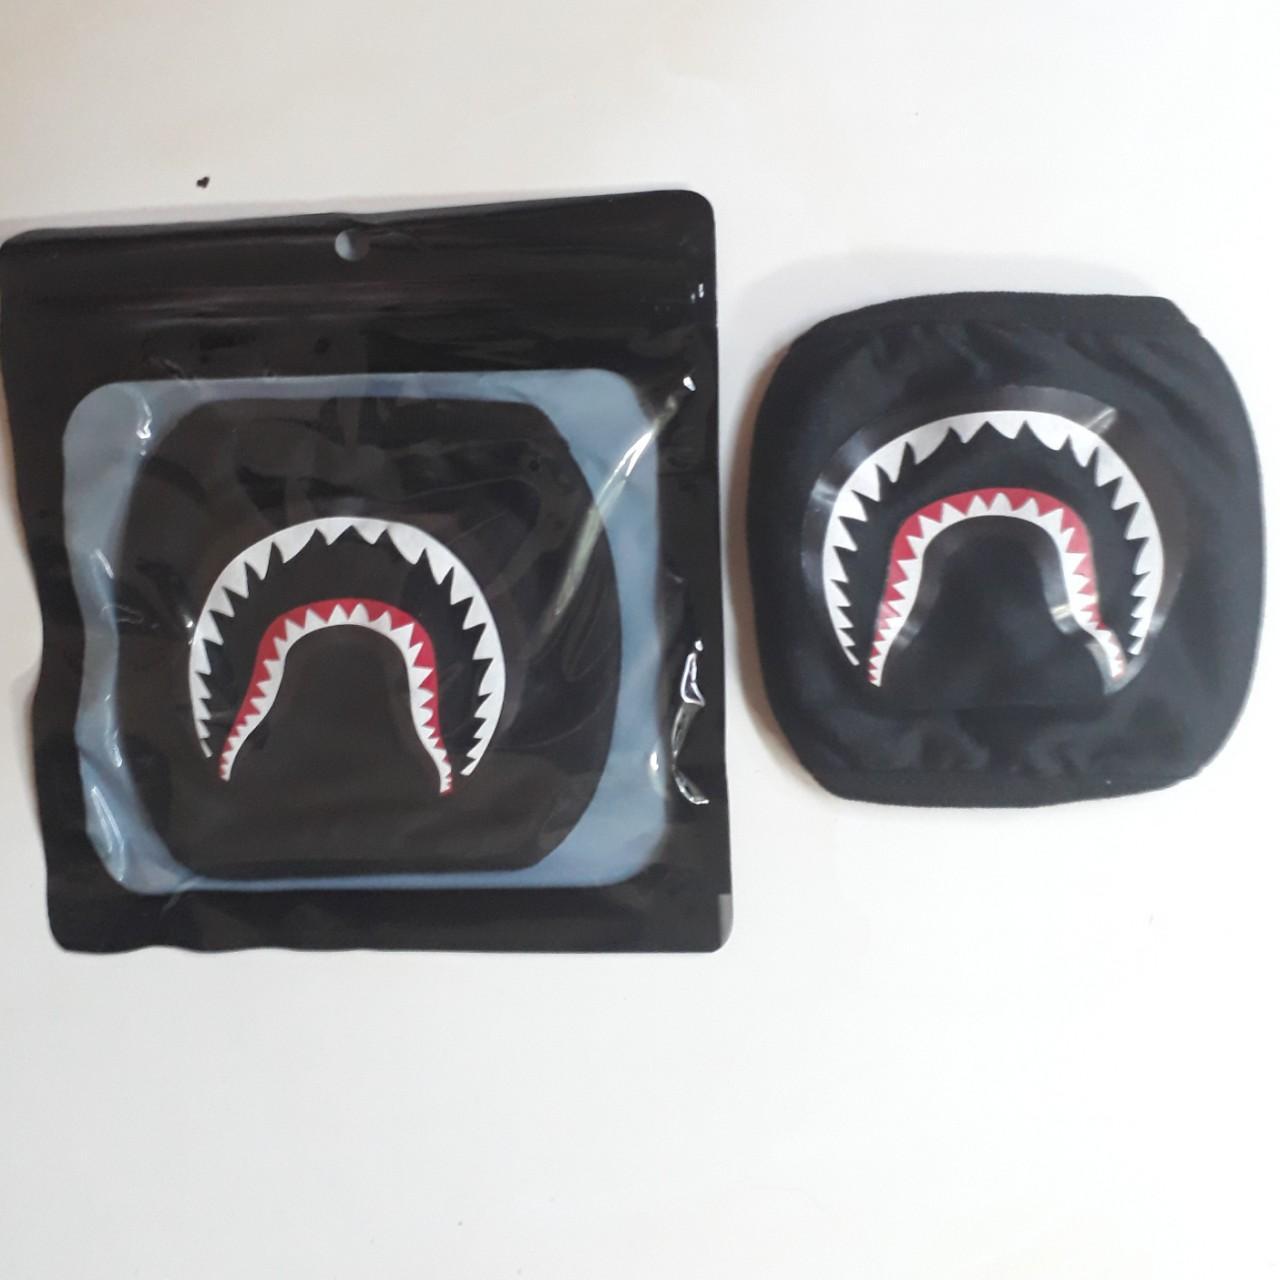 Hình ảnh Khẩu trang Bape cá mập hàng chuẩn loại 1, ảnh shop tự chụp nhé